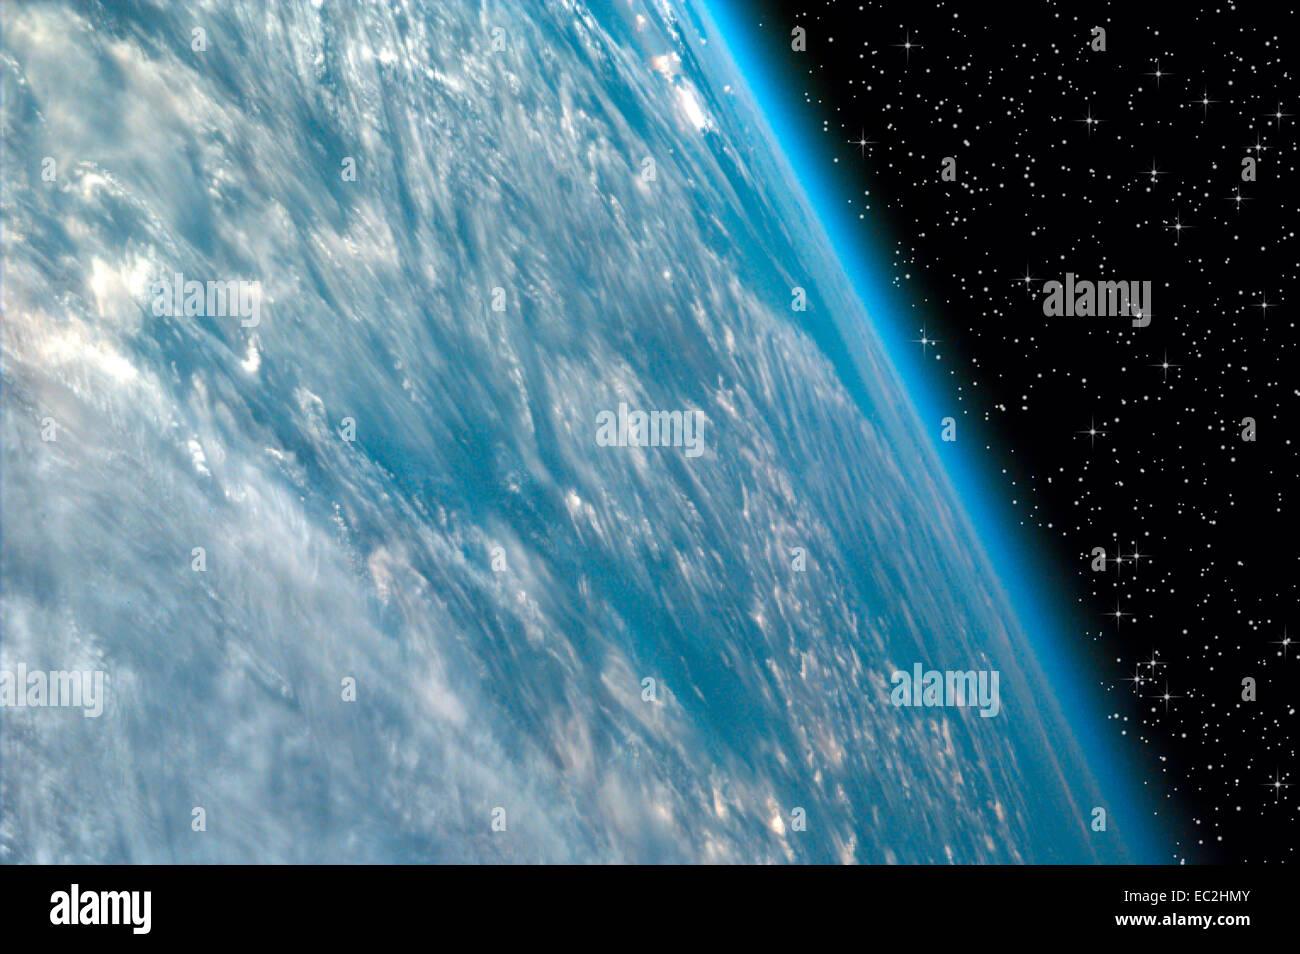 La tierra vista desde la Estación Espacial Internacional en la noche estrellada Imagen De Stock